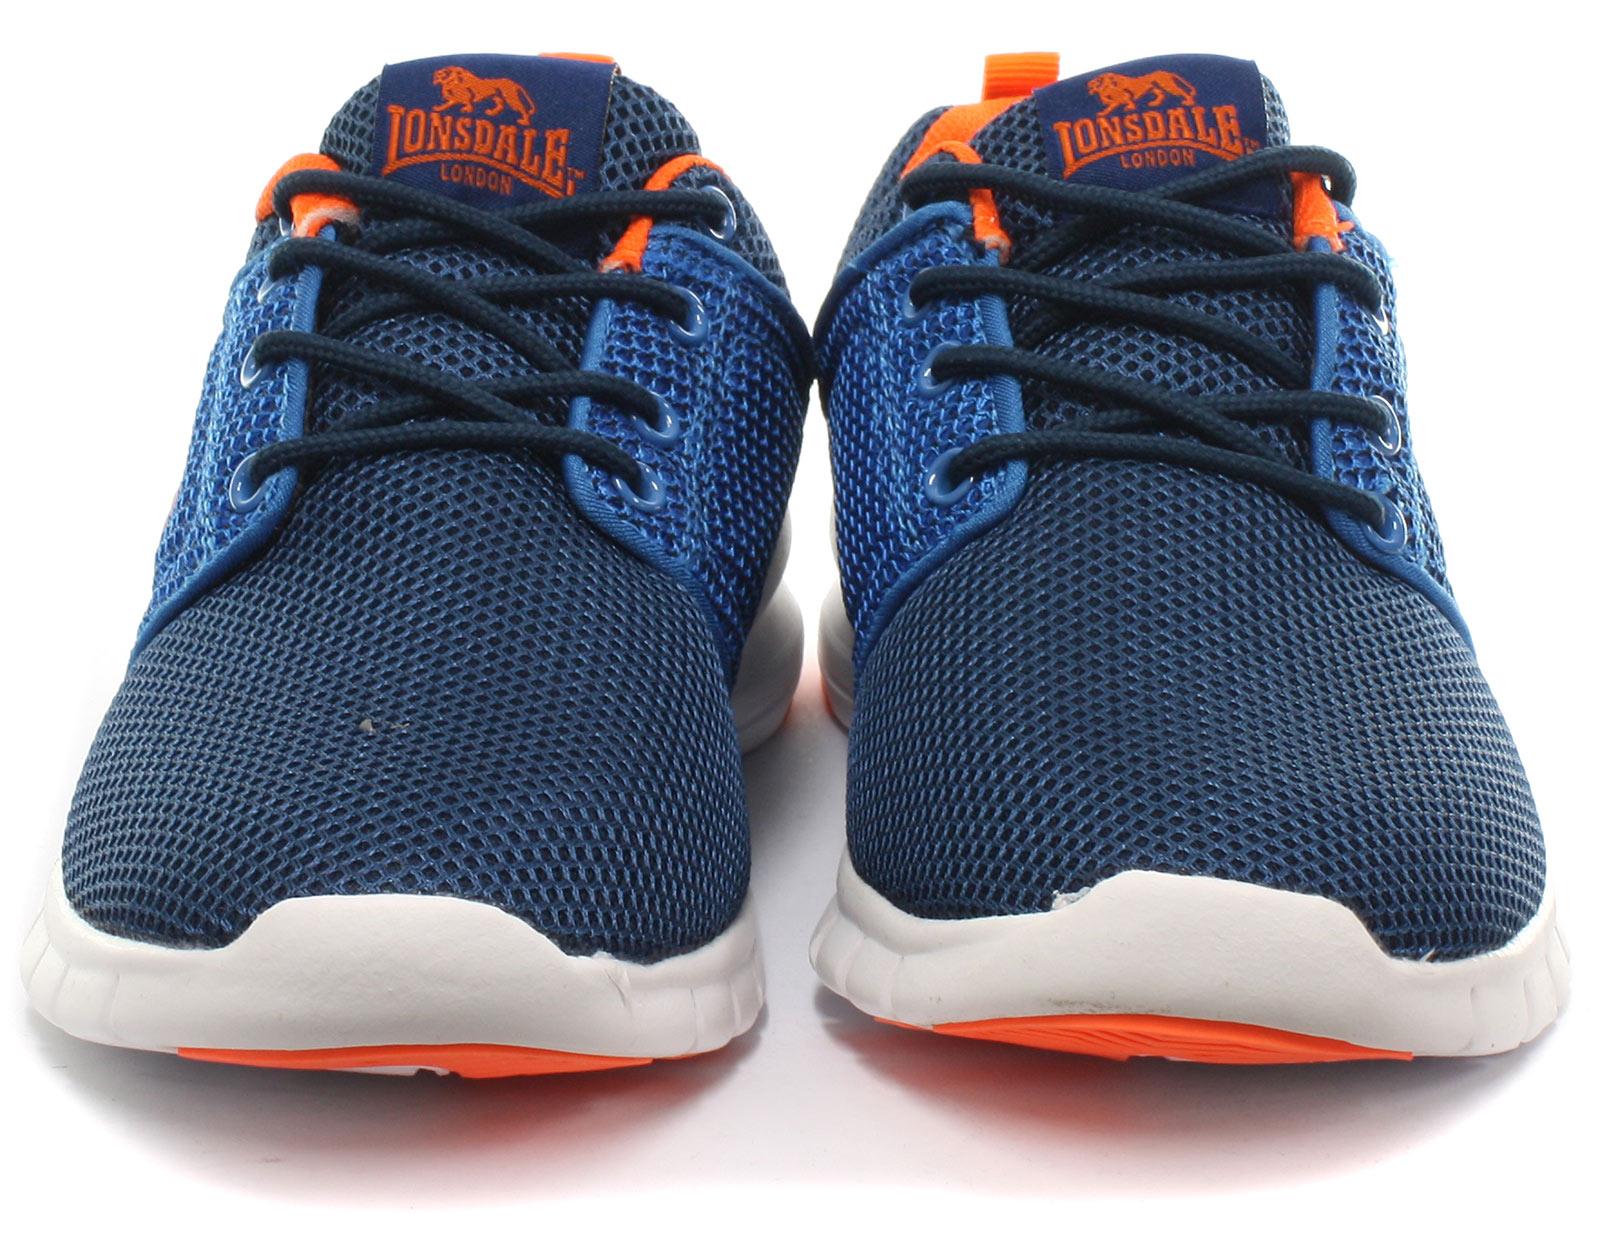 Sport Sivas Baskets Sneakers Lonsdale Chaussures De Enfant Boys P4u8qaw QdCtsrhx